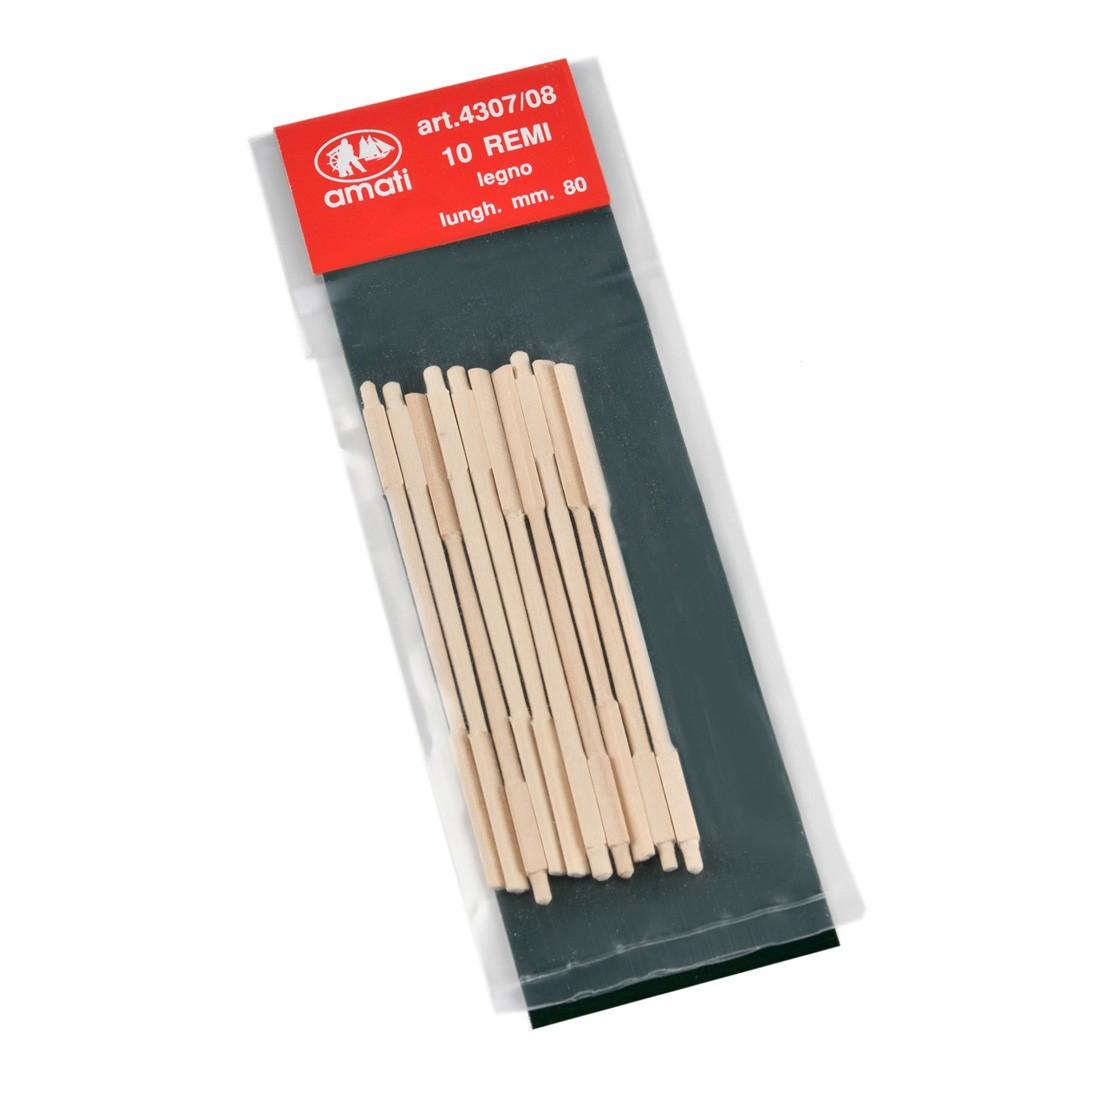 Remi legno mm.80